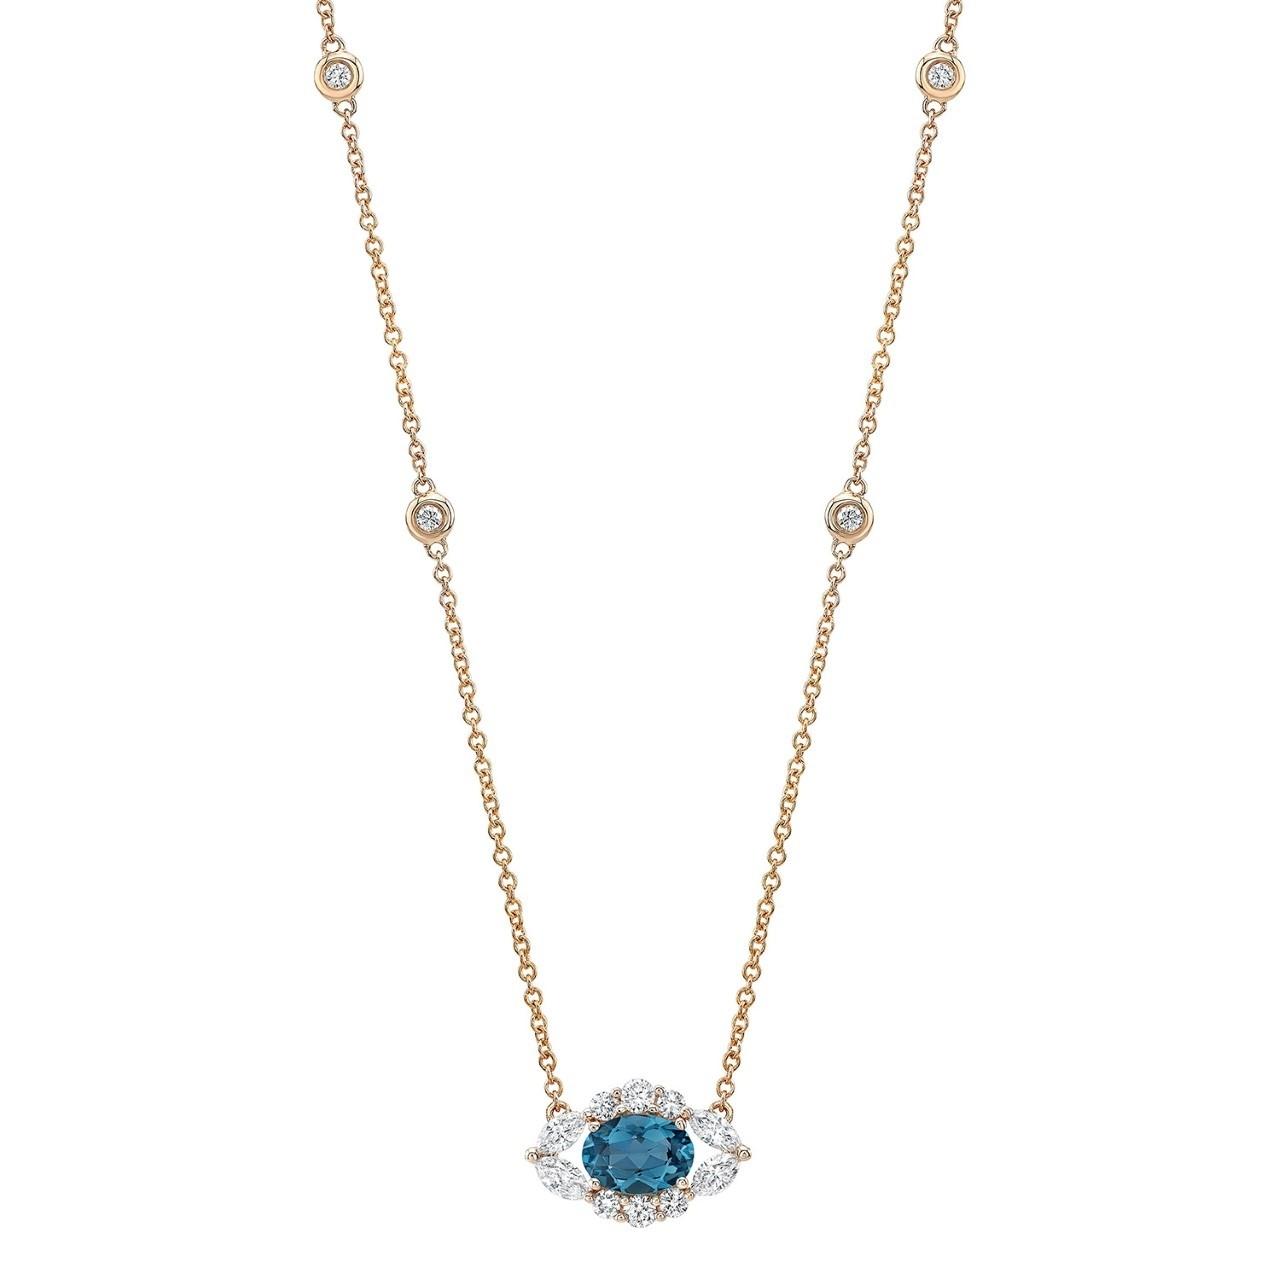 14k Rose Gold Diamond and Blue Topaz Oval Evil Eye Necklace